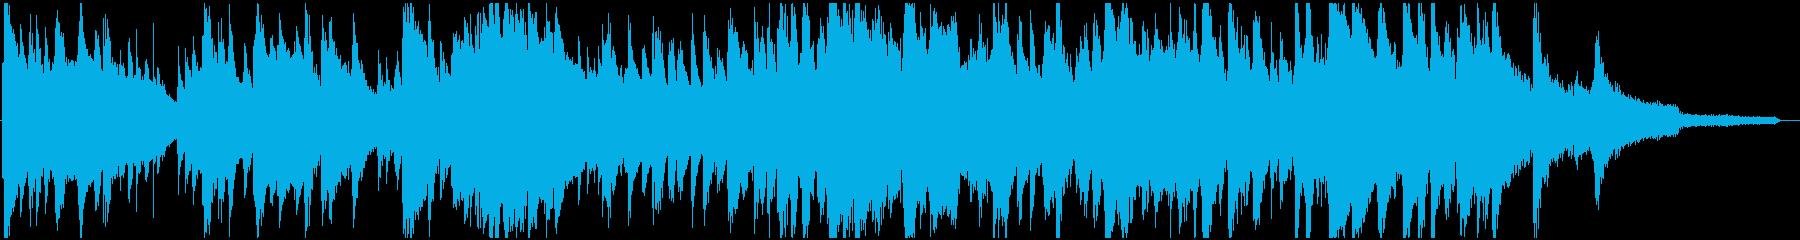 ムーディーなジャズトリオ ジングルの再生済みの波形